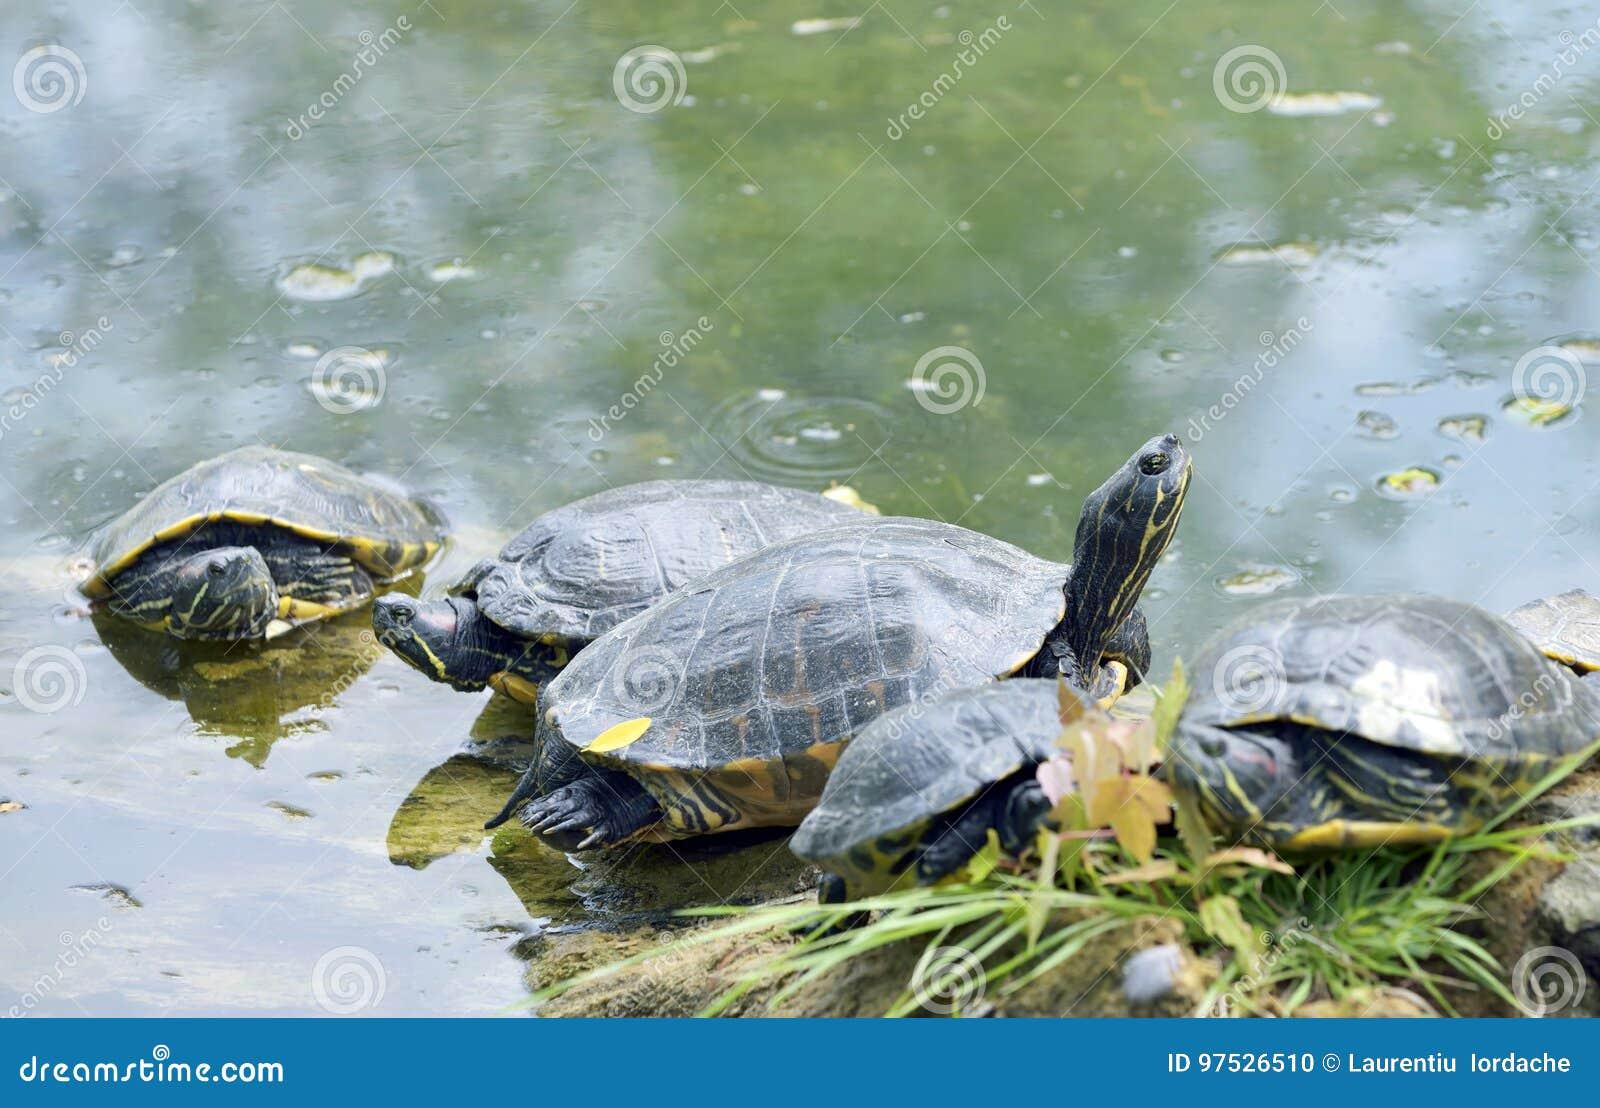 Västra målad sköldpaddachrysemyspicta